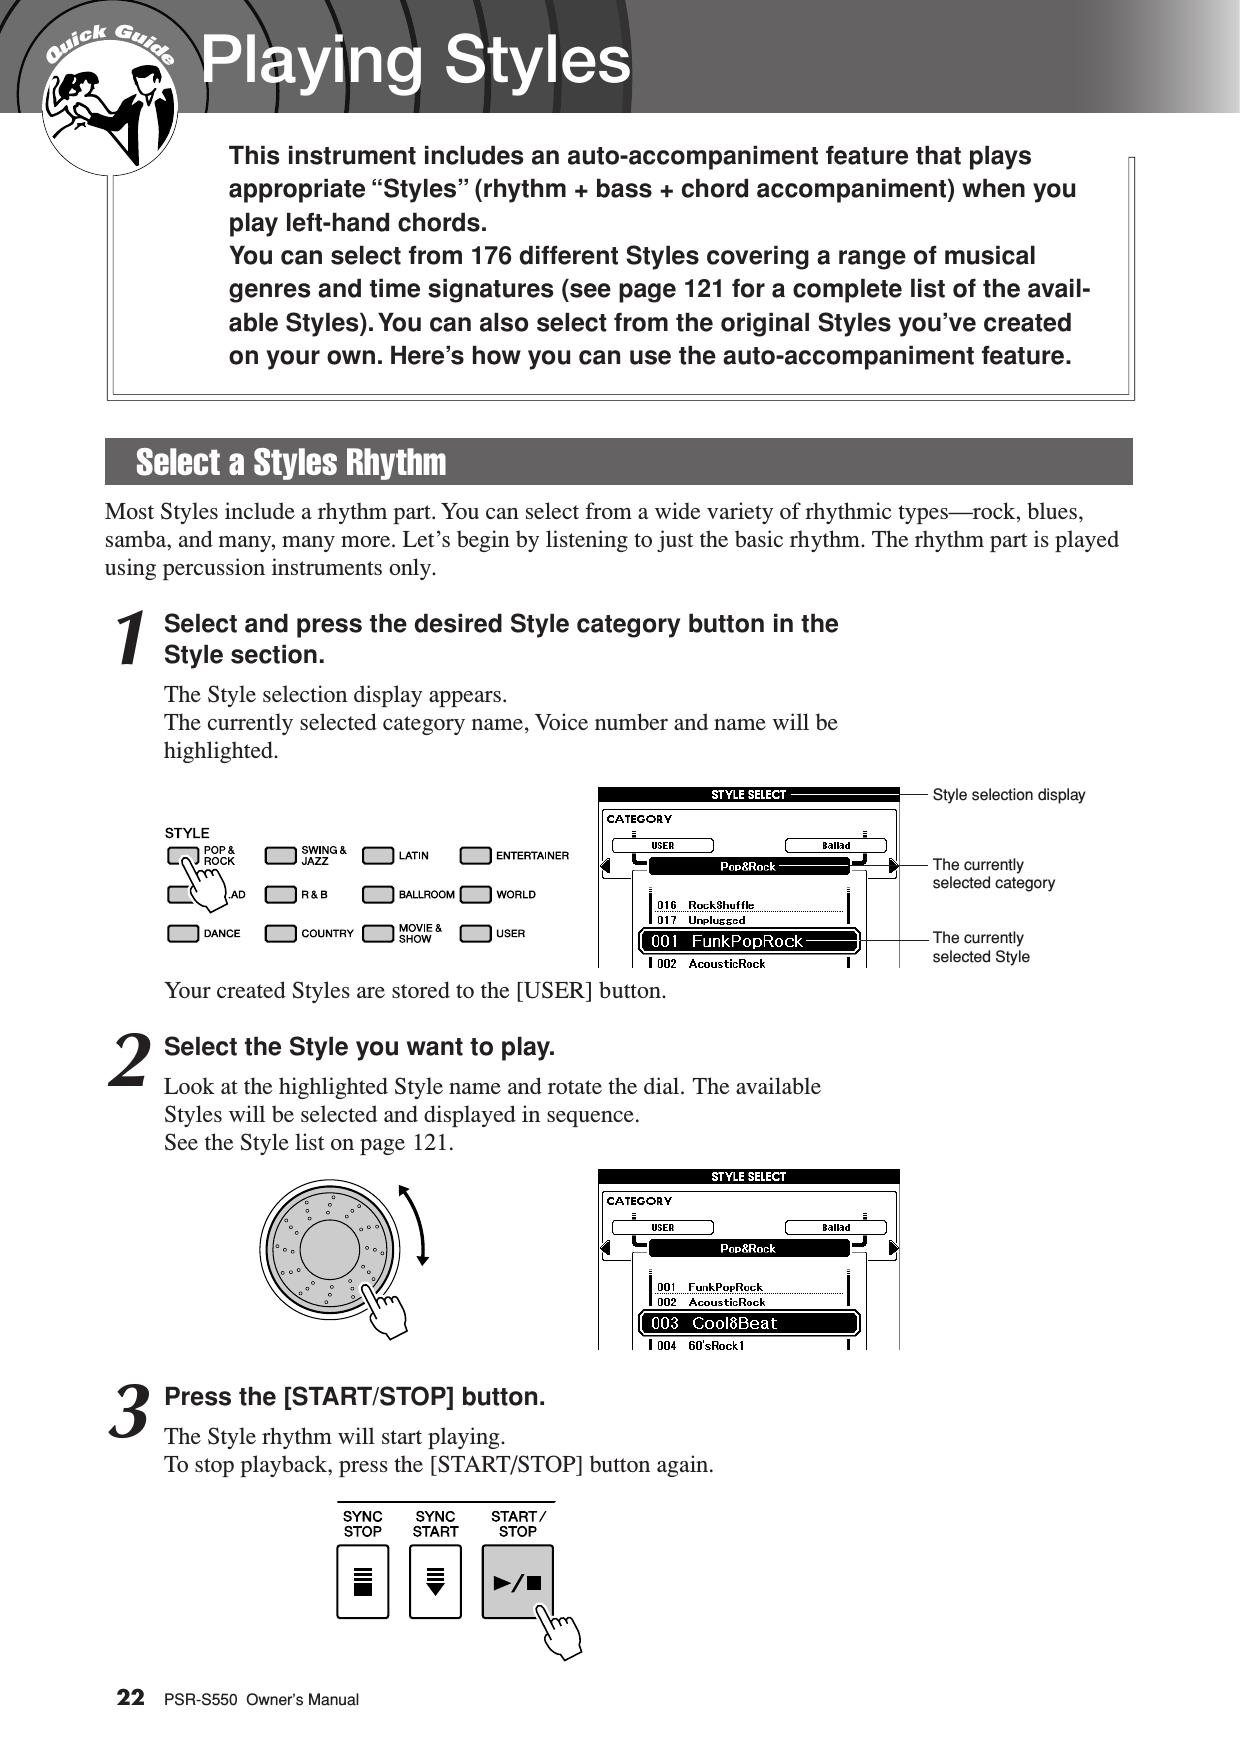 Yamaha PSR S550 Owner's Manual Psrs550 En Om C1